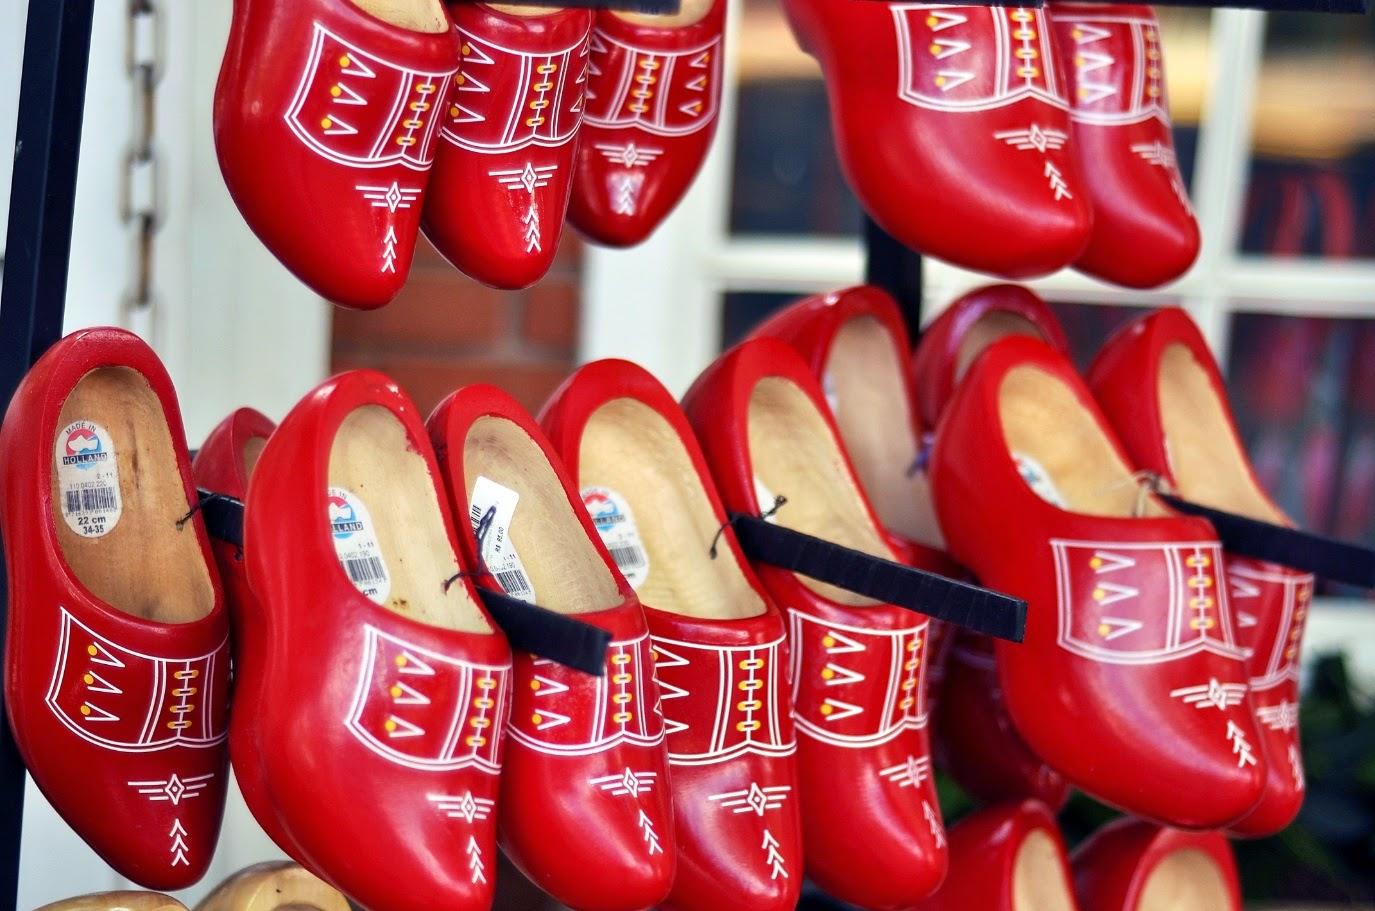 Os famosos sapatos de madeira holandeses reproduzidos pelos descendentes em Holambra: uma boa recordação desta encantadora cidade.